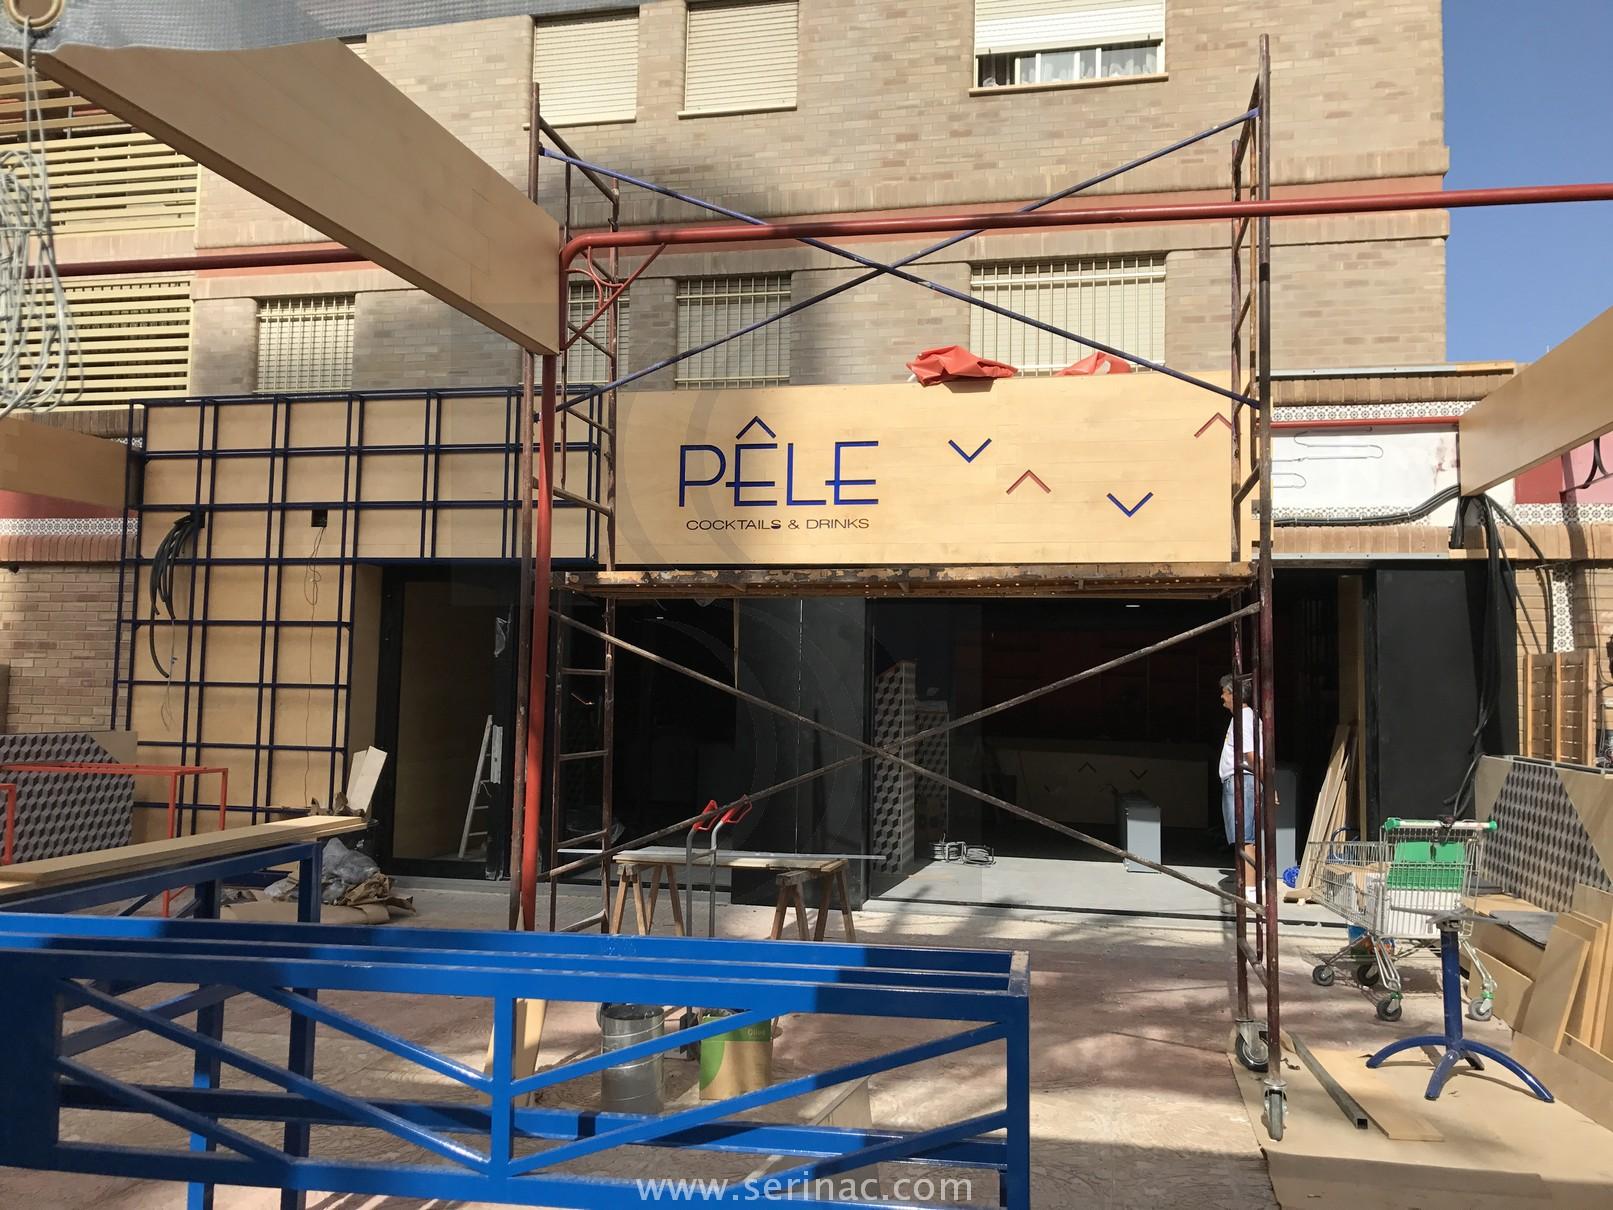 Insonorización Péle Alicante